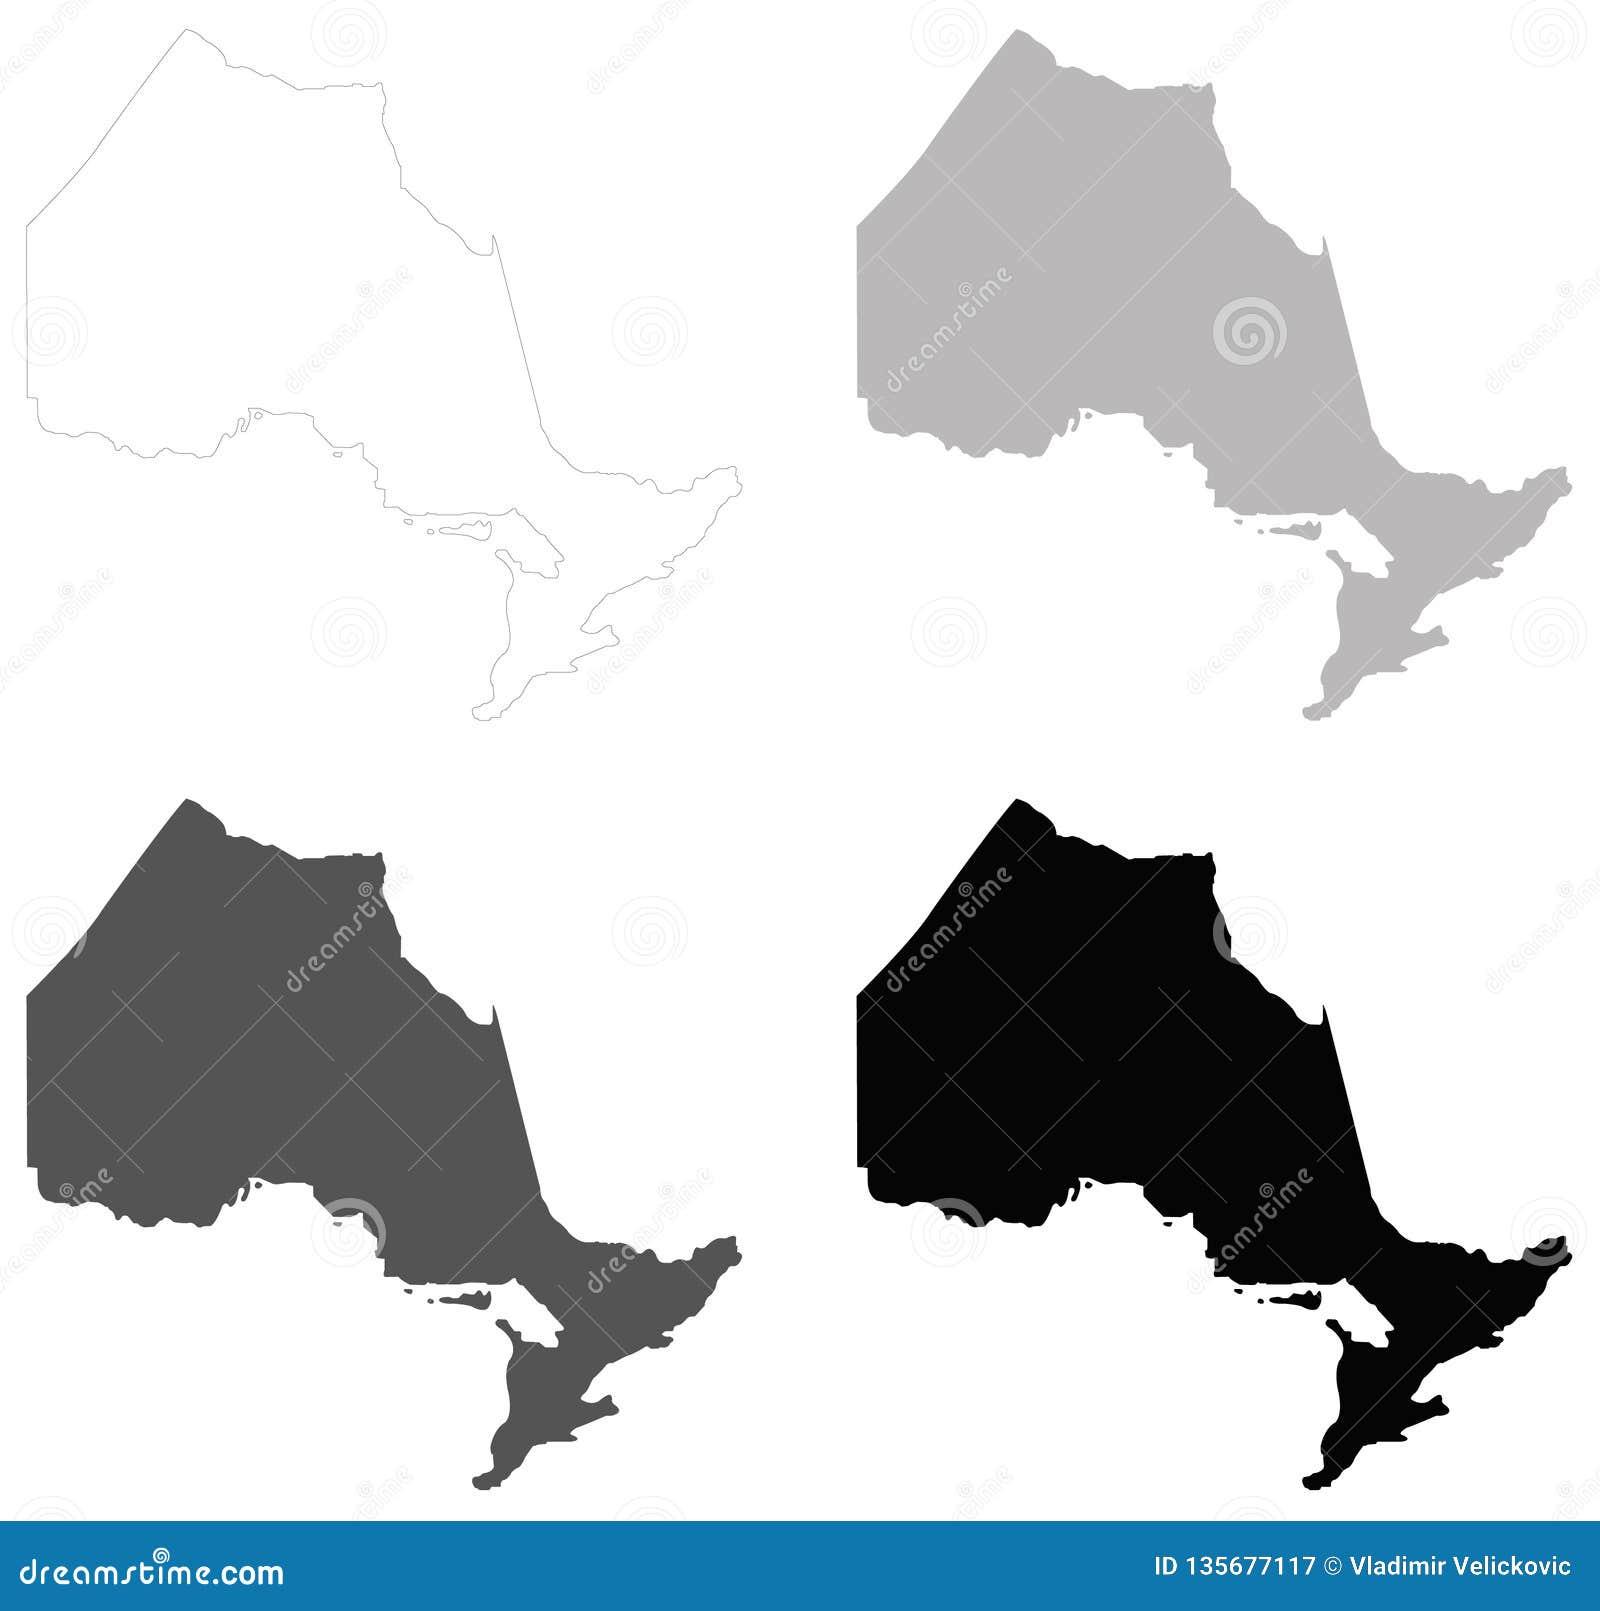 De kaart van Ontario - provincie in east-central Canada wordt gevestigd dat